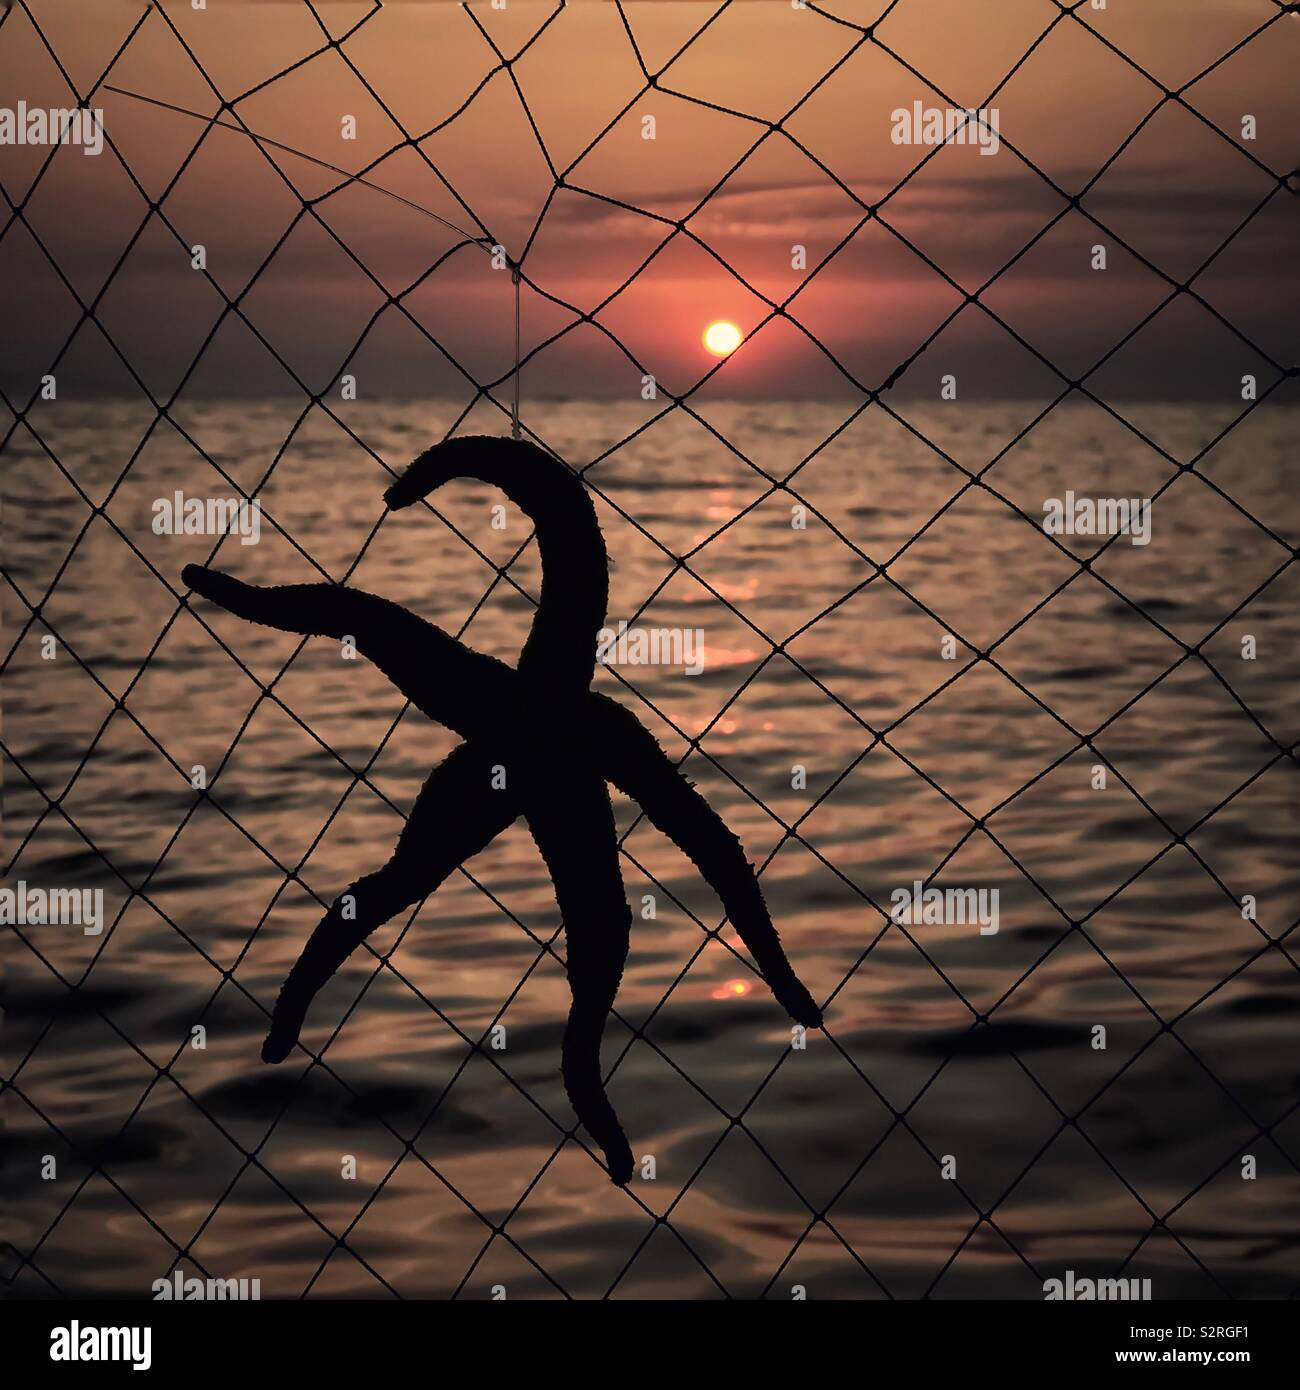 Ein Seestern Deko aufhängen auf dem Netz einen Zaun gegen einen Sonnenuntergang am Meer Mavişehir Türkei Stockfoto